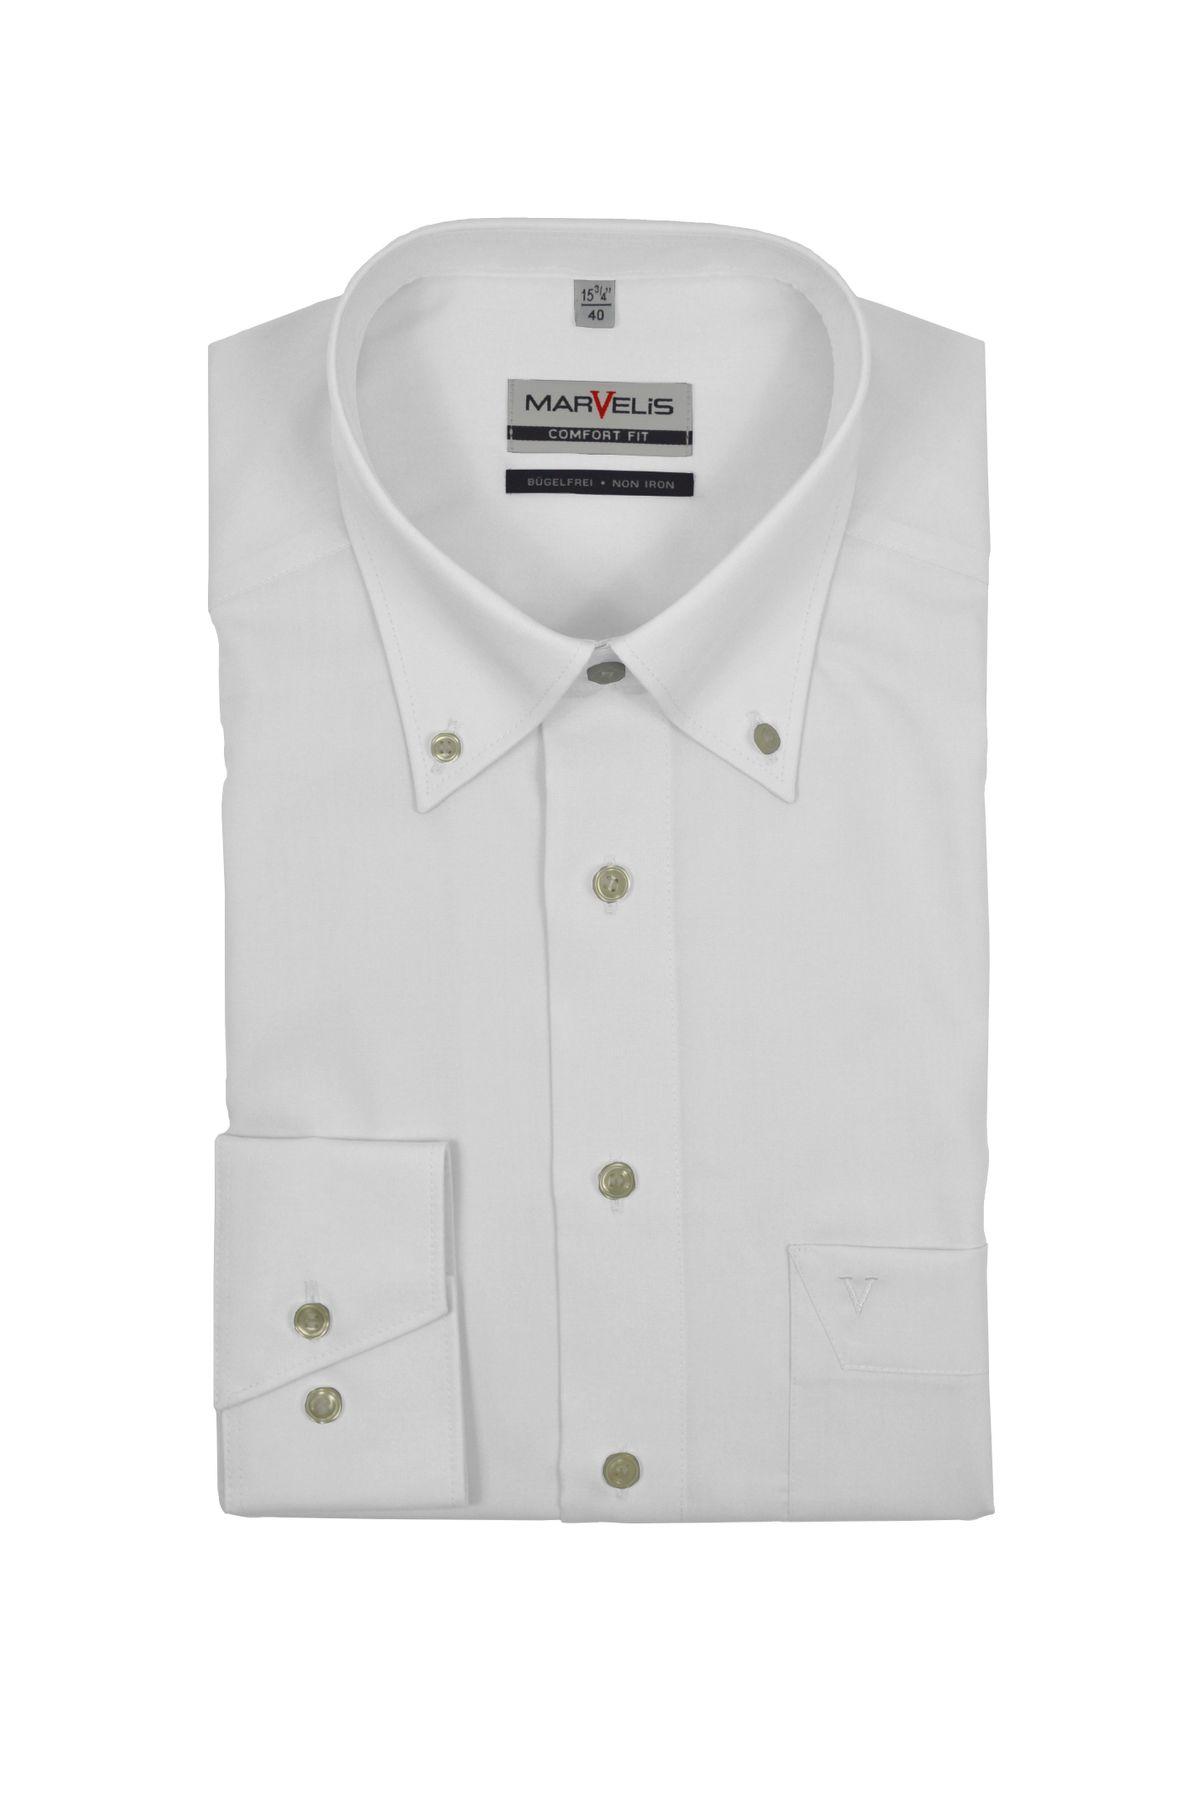 Marvelis - Comfort Fit - Bügelfreies Herren Langarm Hemd in Weiß oder Blau, Button-Down Kragen (7971/64)